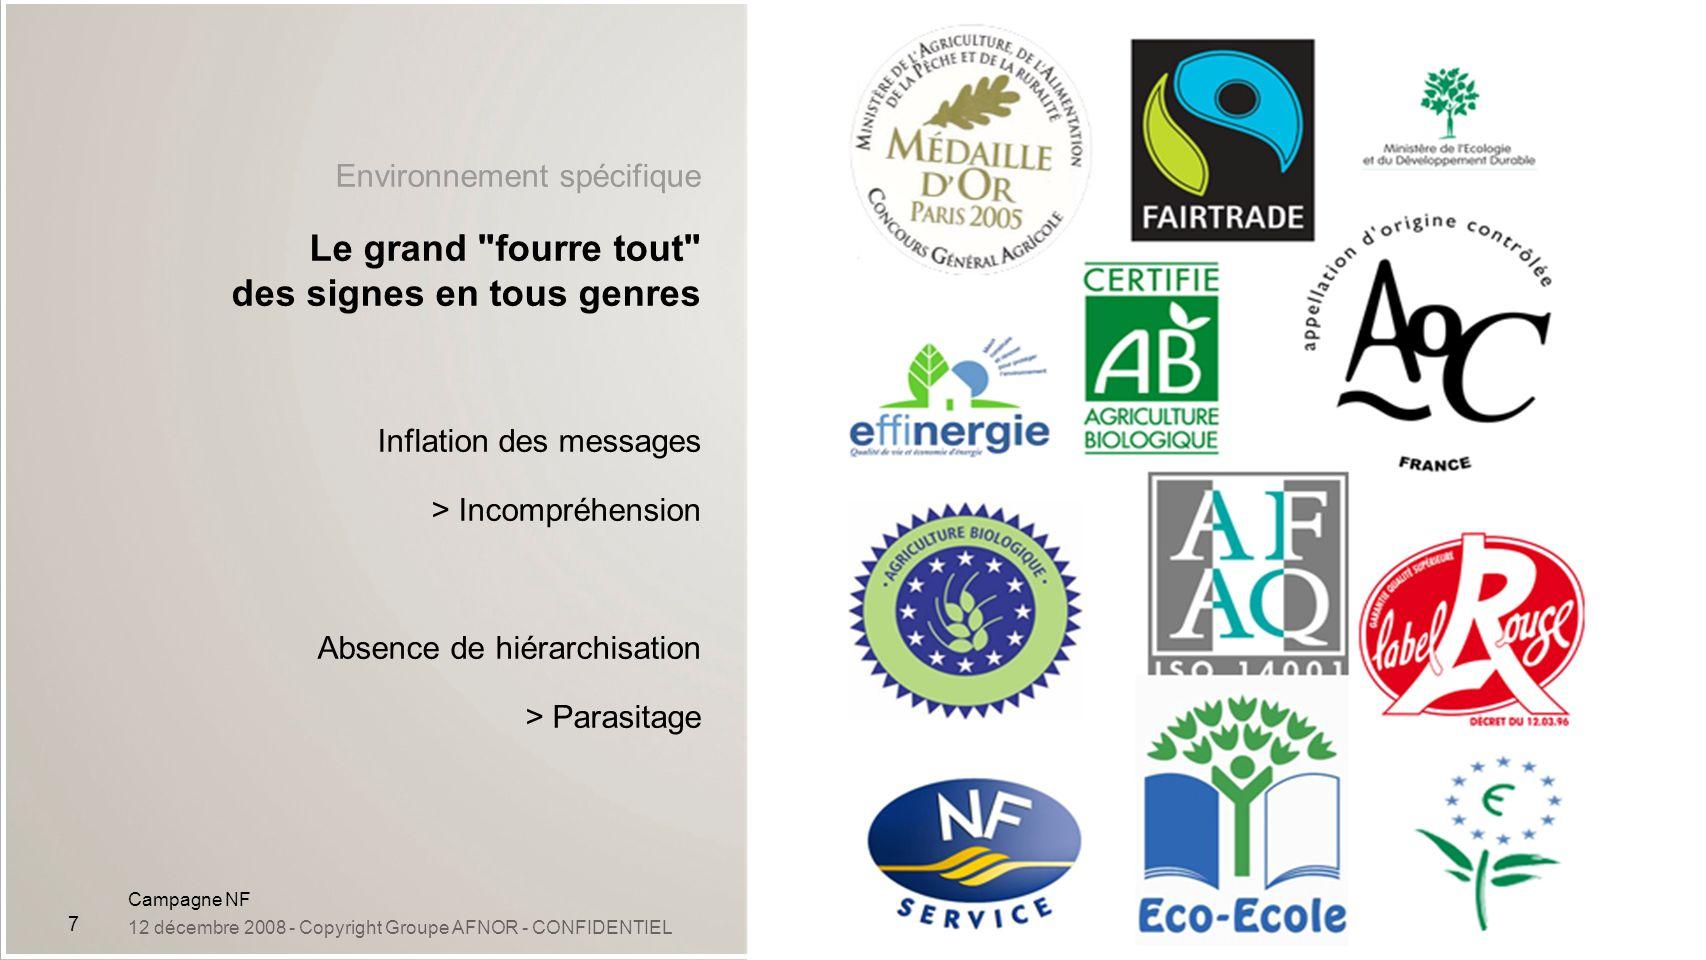 Campagne NF 12 décembre 2008 - Copyright Groupe AFNOR - CONFIDENTIEL 7 Environnement spécifique Le grand